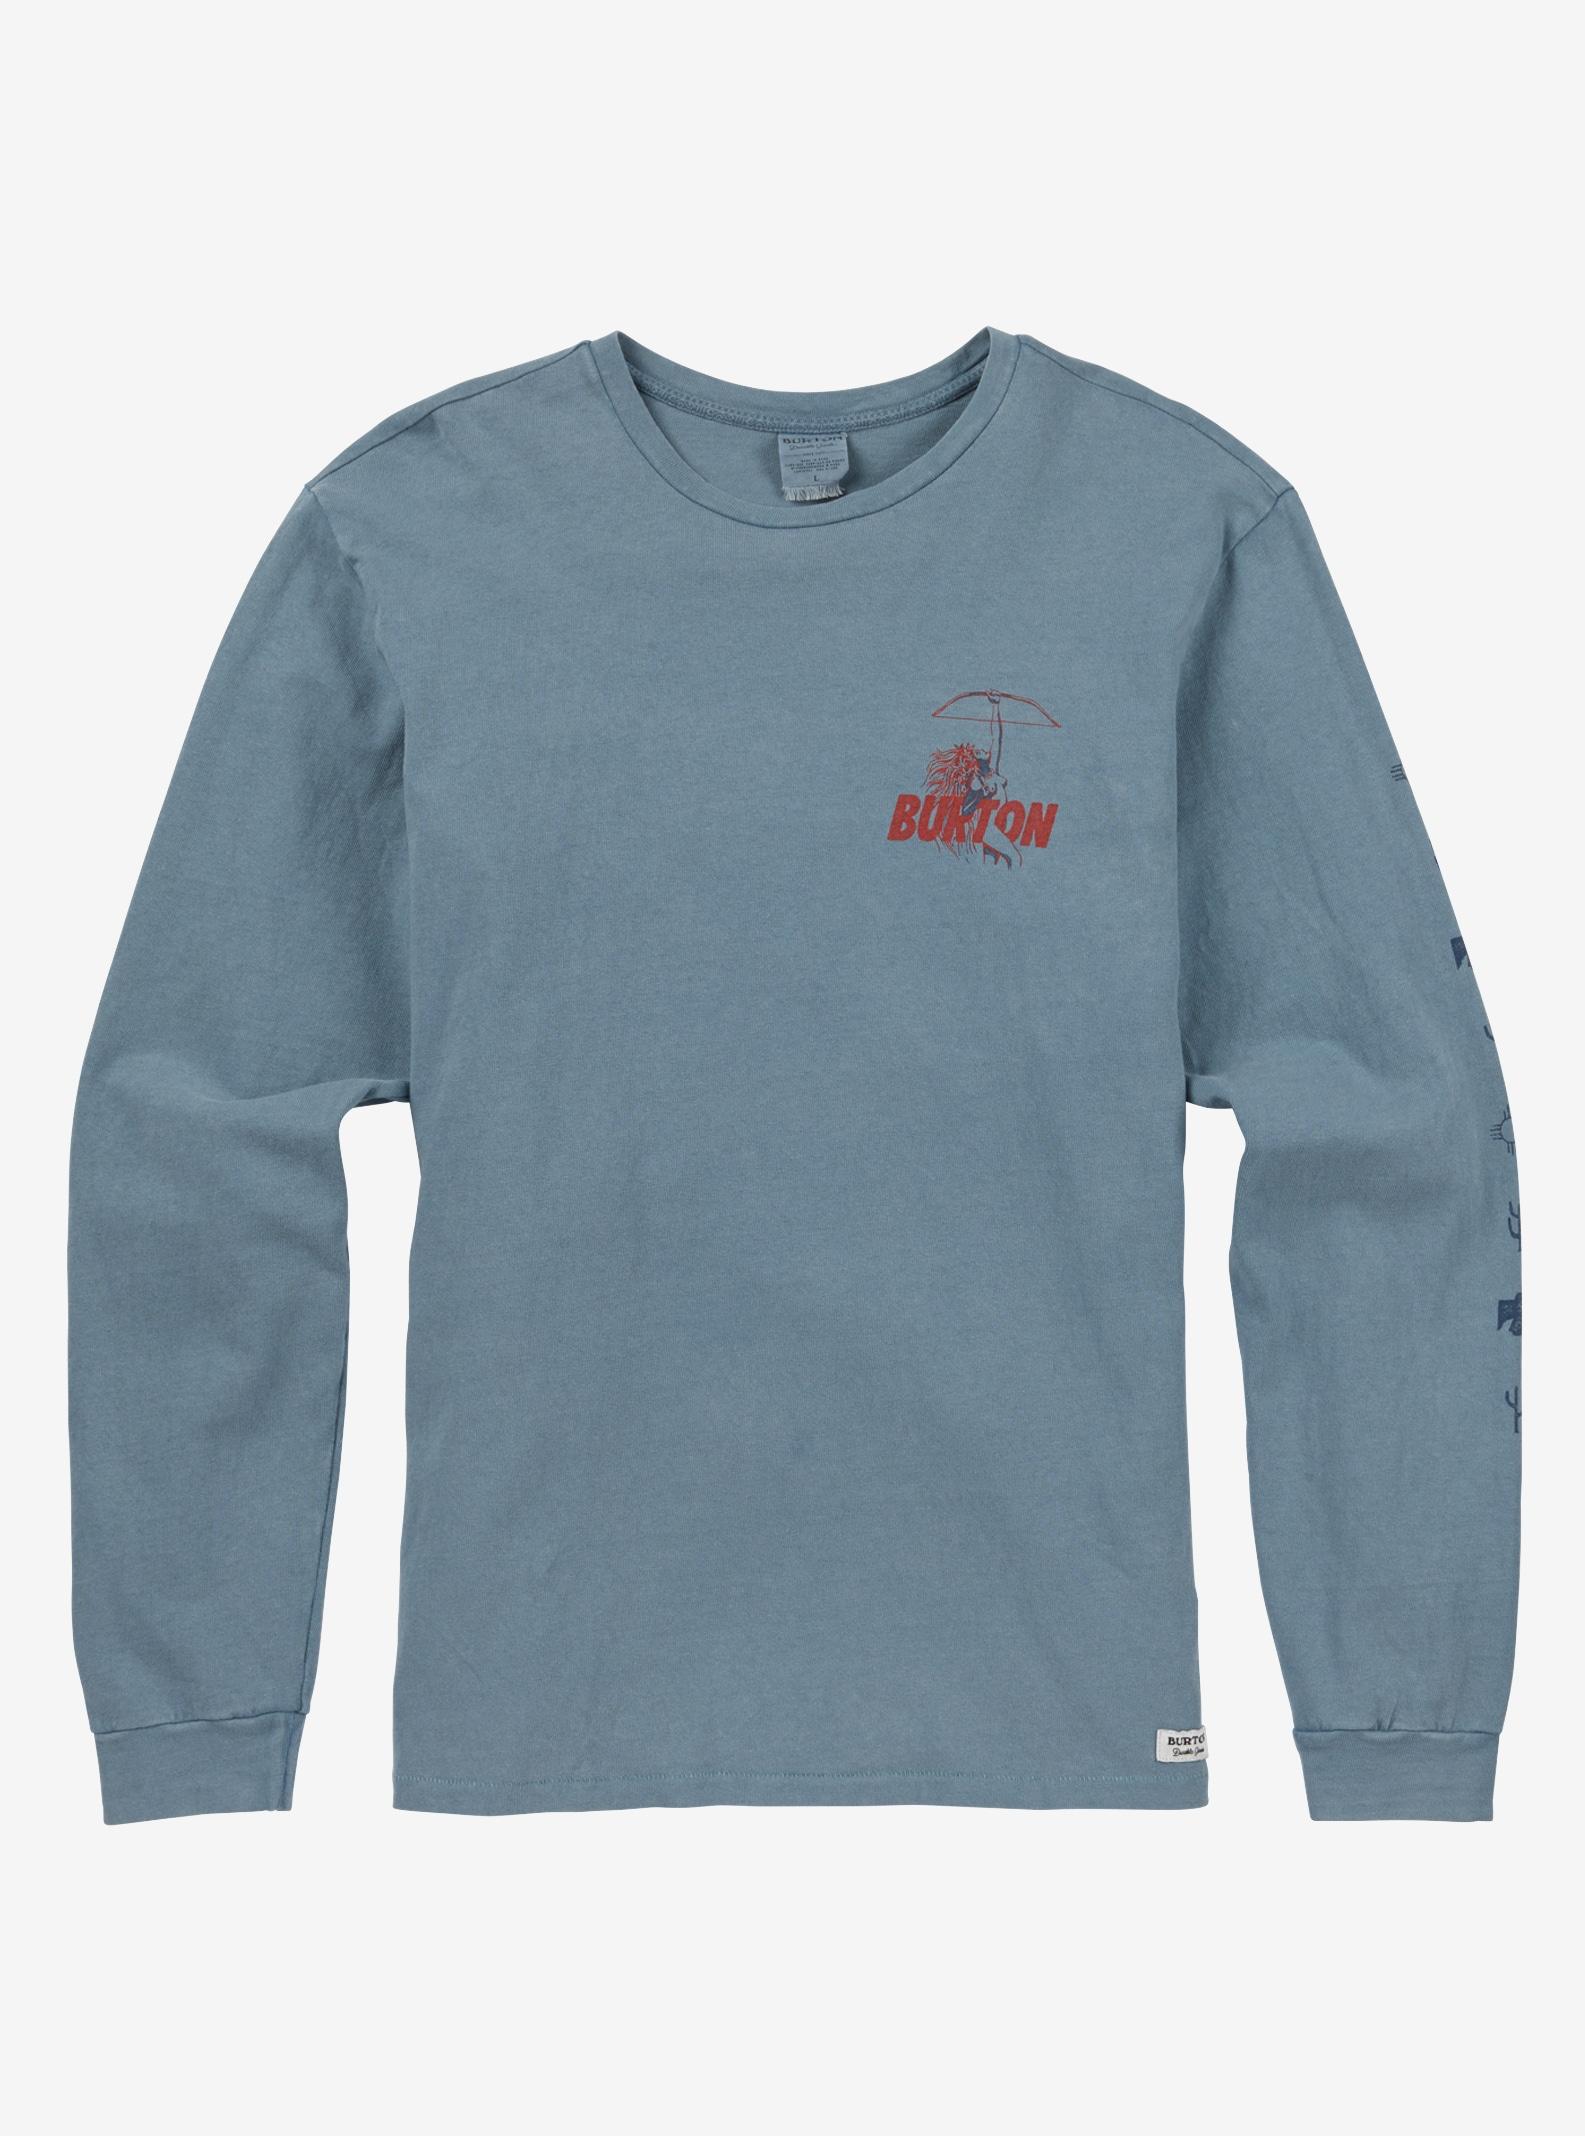 Men's Burton Walker Long Sleeve T Shirt shown in Winter Sky